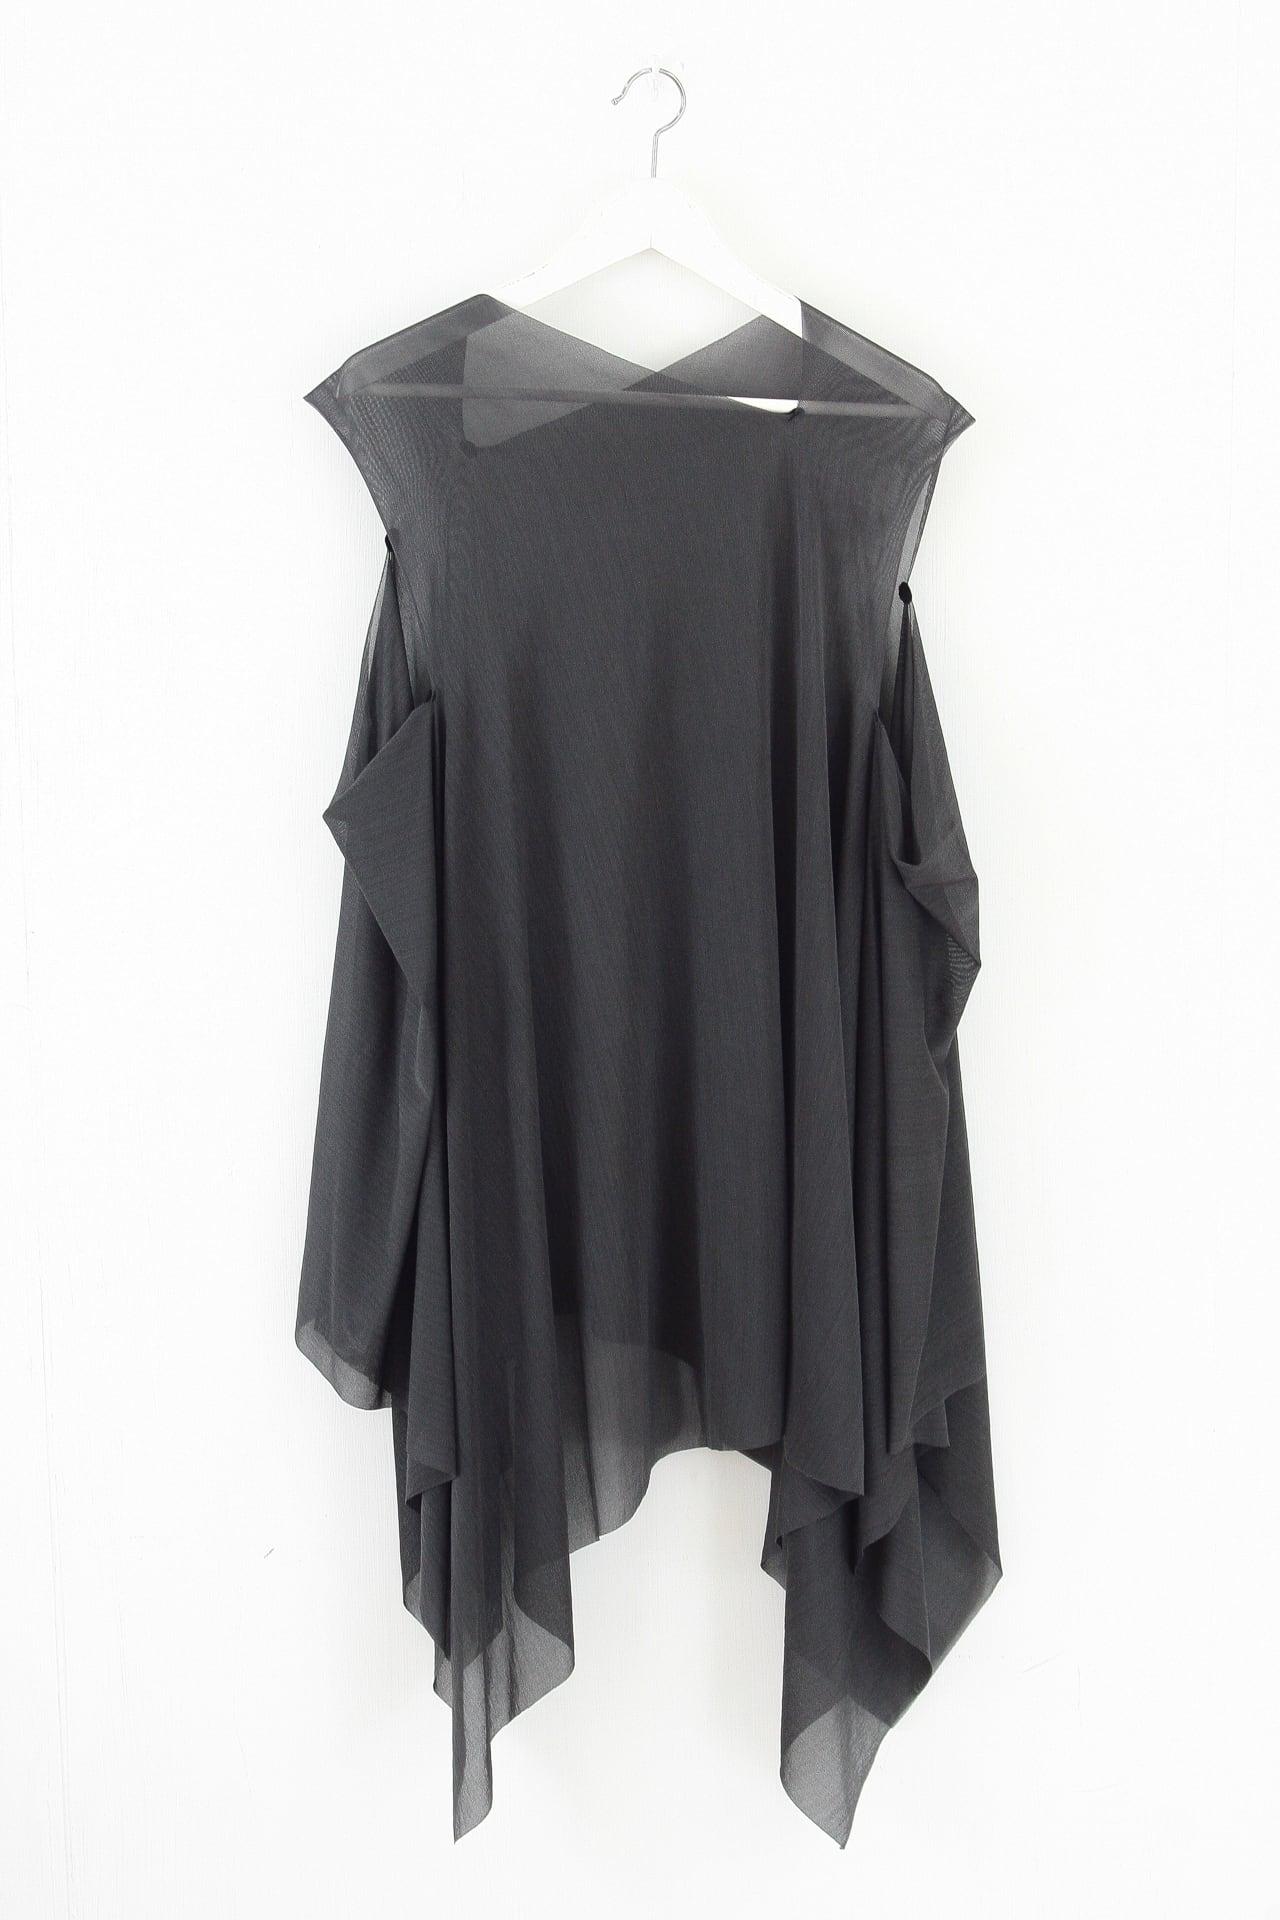 [着るストール]RESORT DRESS/STOLE  GRAY 2322 SILK